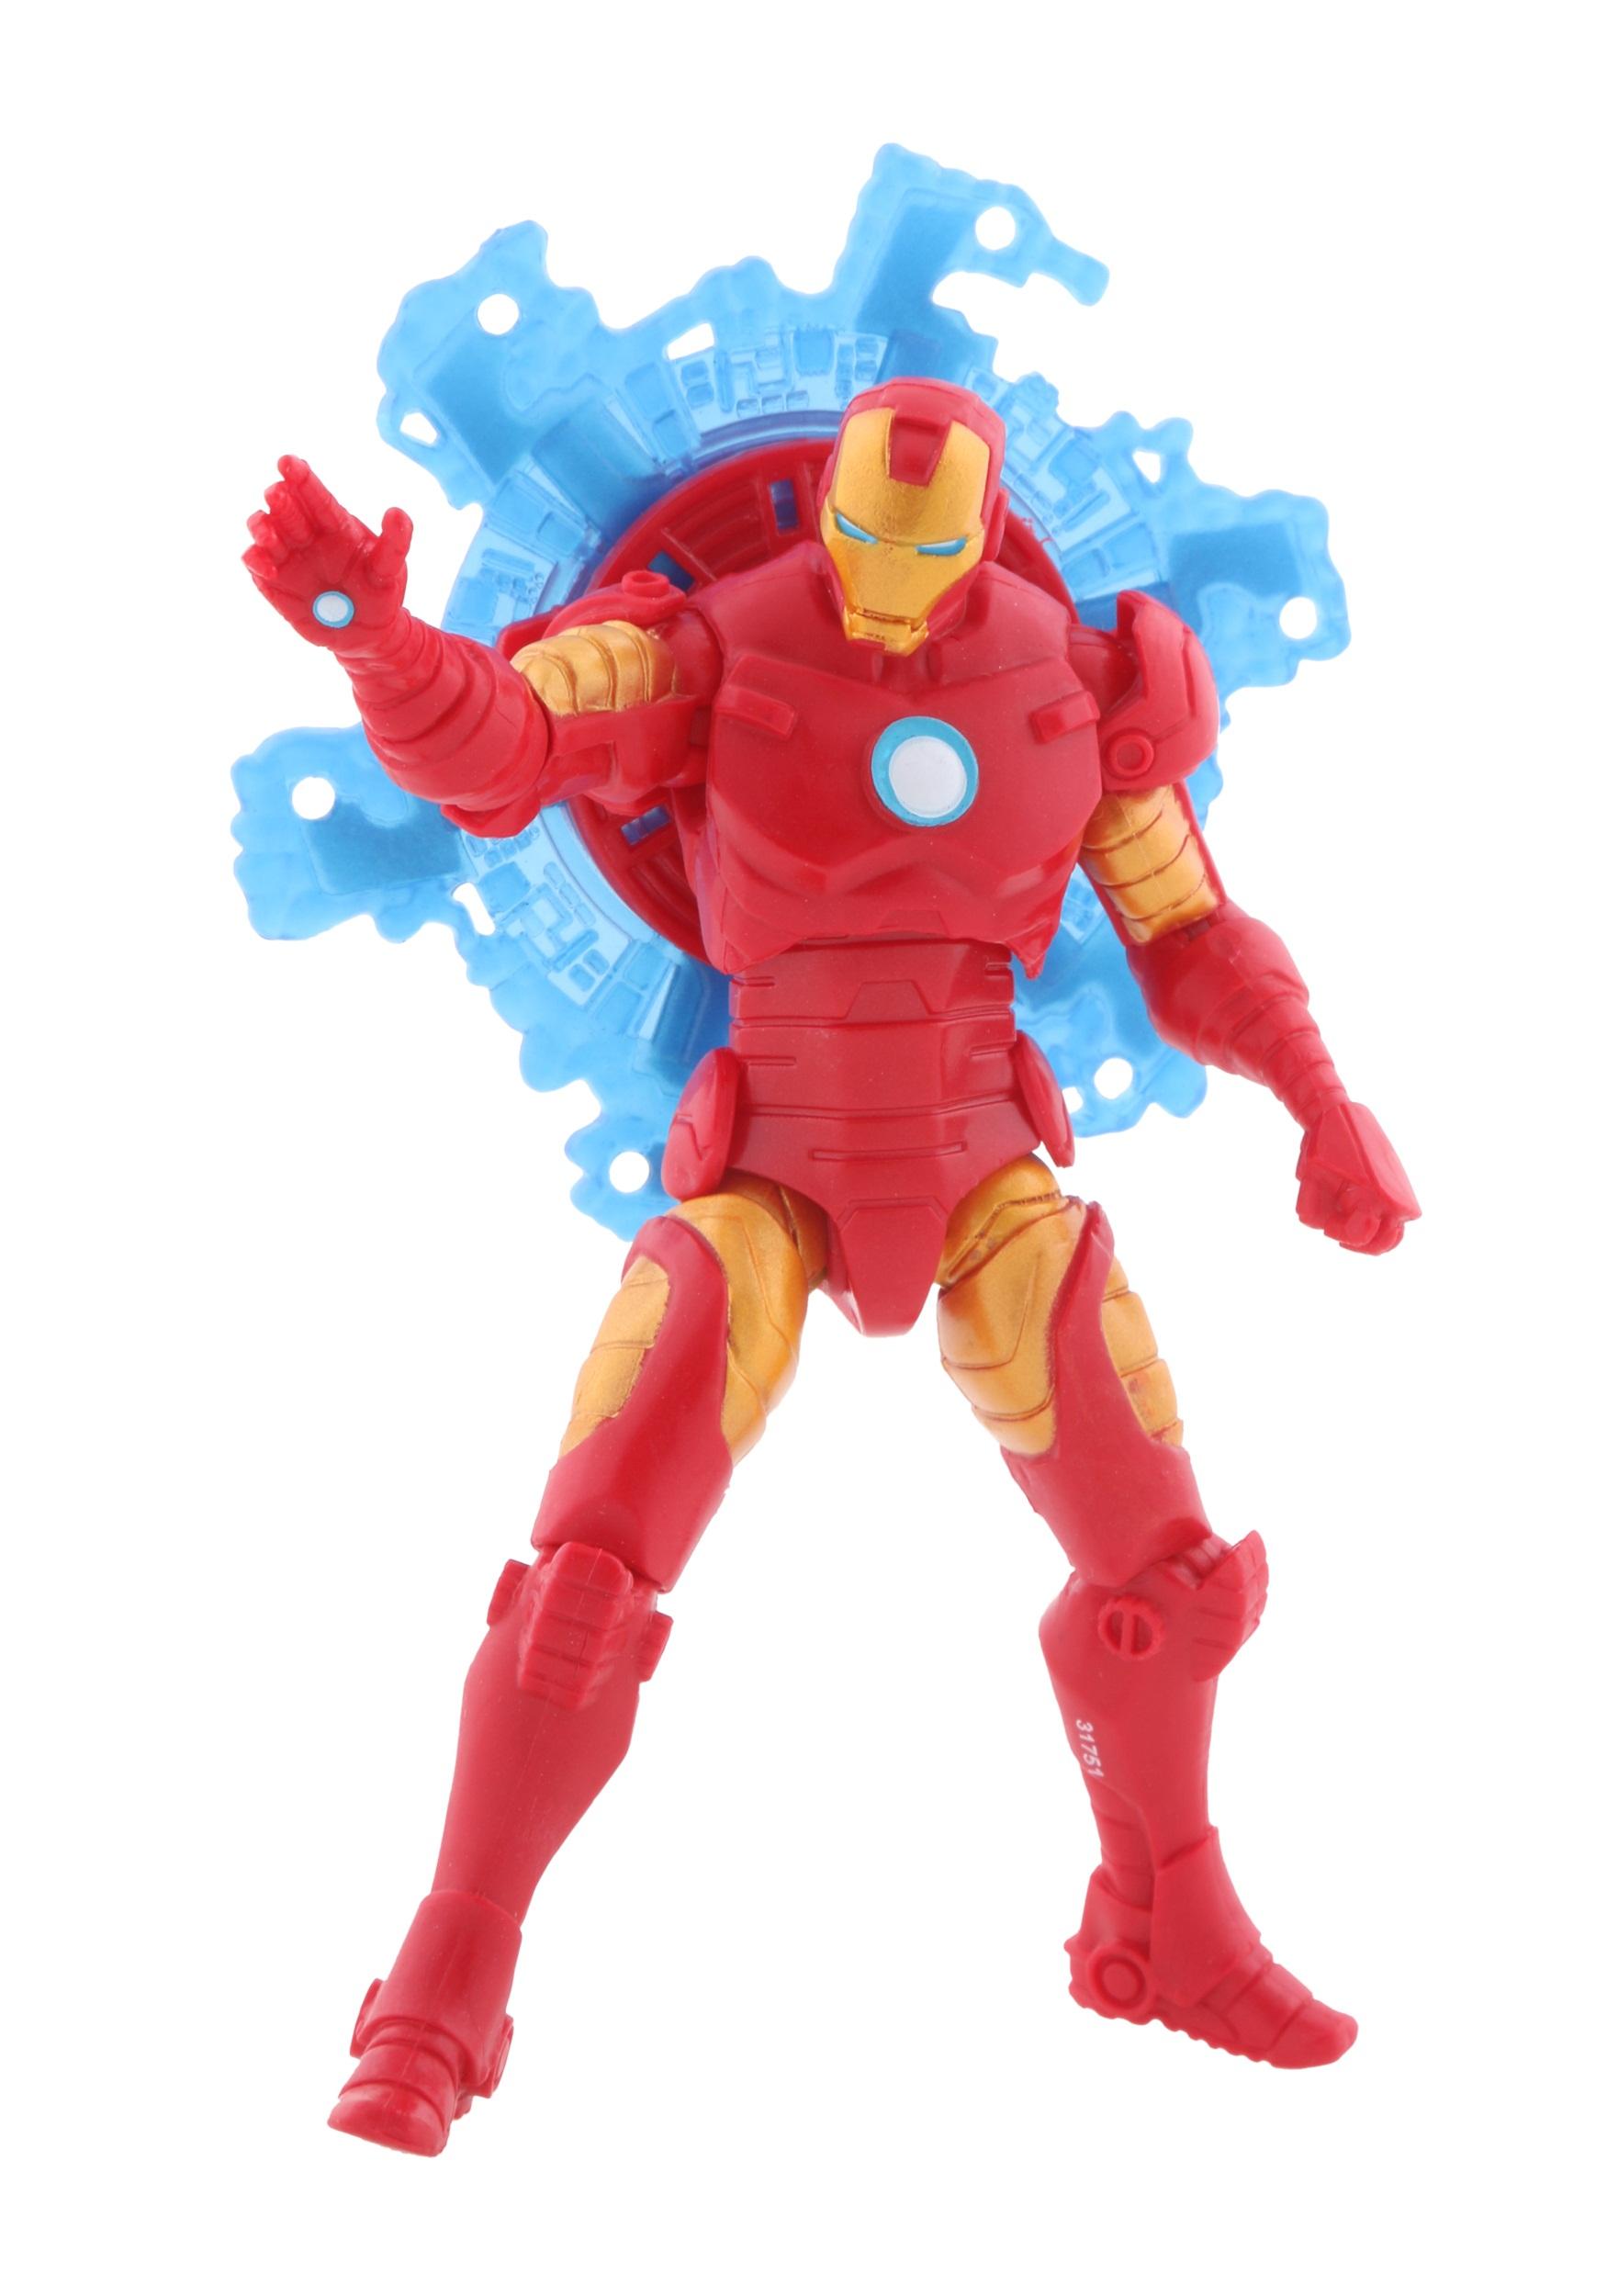 Avengers Assemble Tornado Blade Iron Man Action Figure EE7370710300